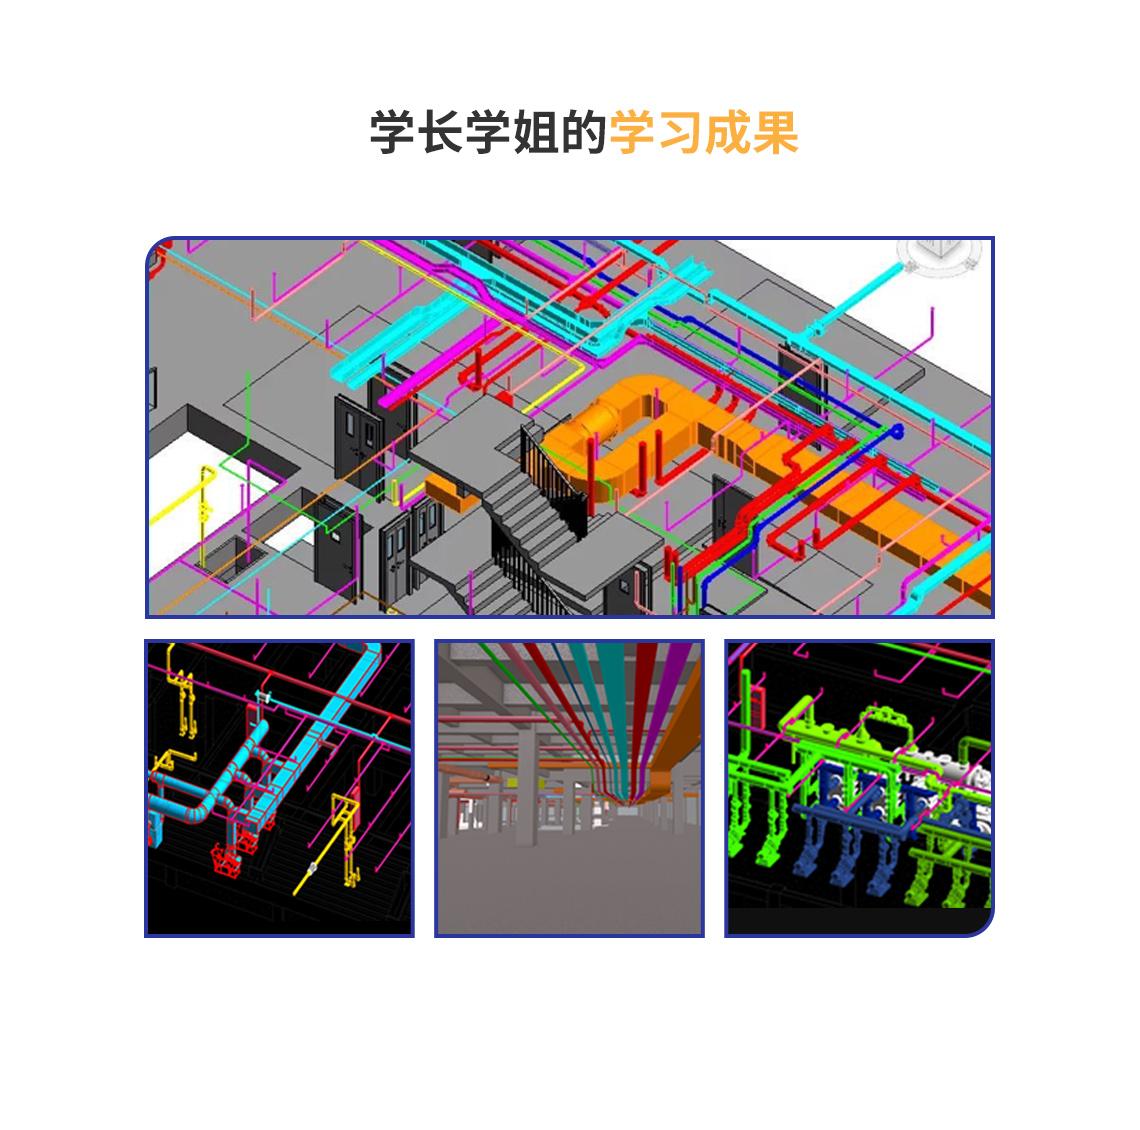 课程基于机电BIM基础知识系统针对机电BIM施工设计进行教学,包含机电BIM概论、机电Revit基本概念、机电BIM基本设置、机电精细化建模。